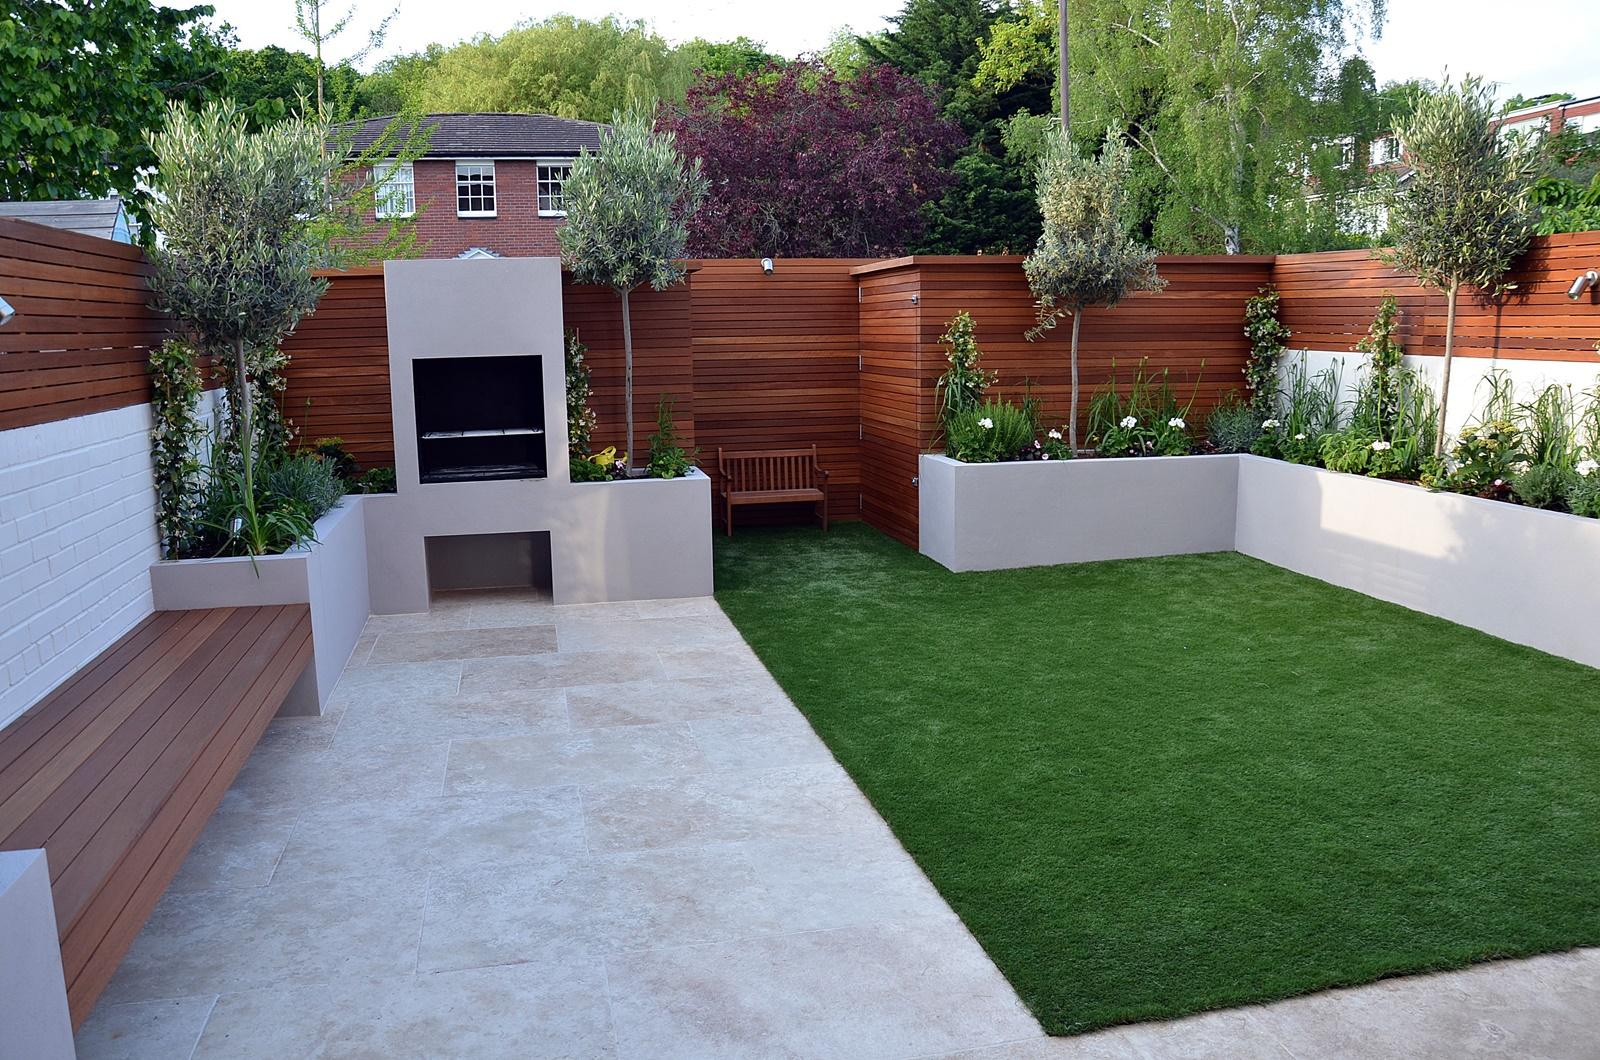 contemporary gardens contemporary garden design ideas photos photo - 1 WAYOSEU